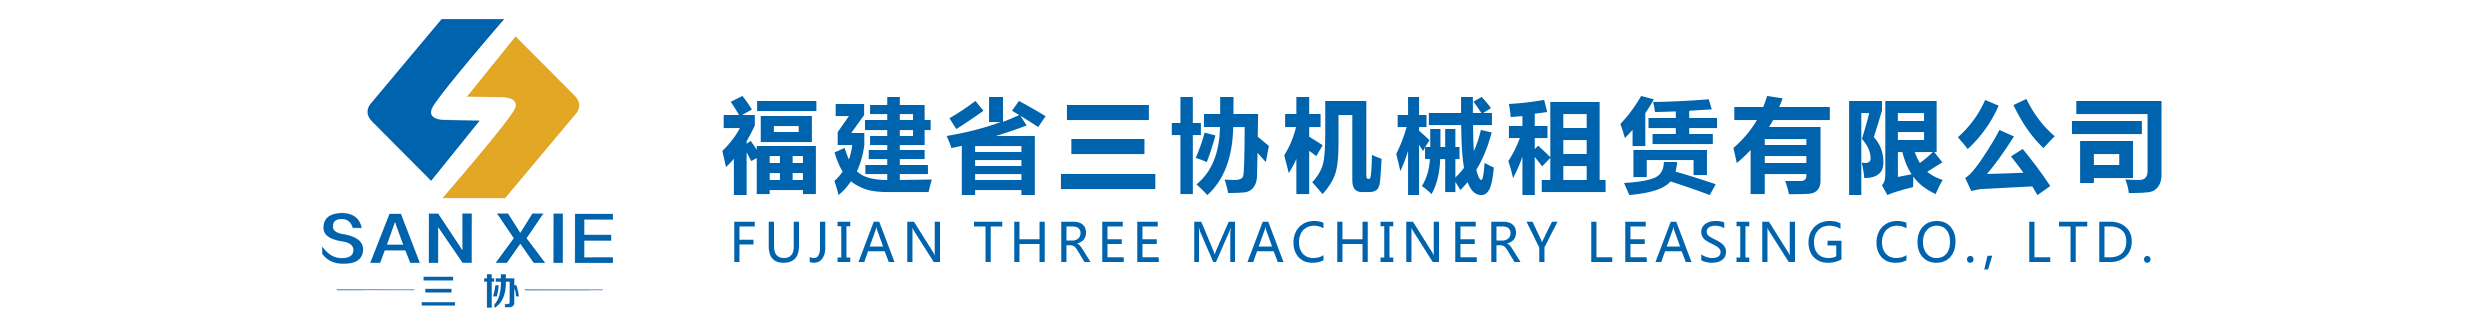 台湾省三協機械租賃有限公司